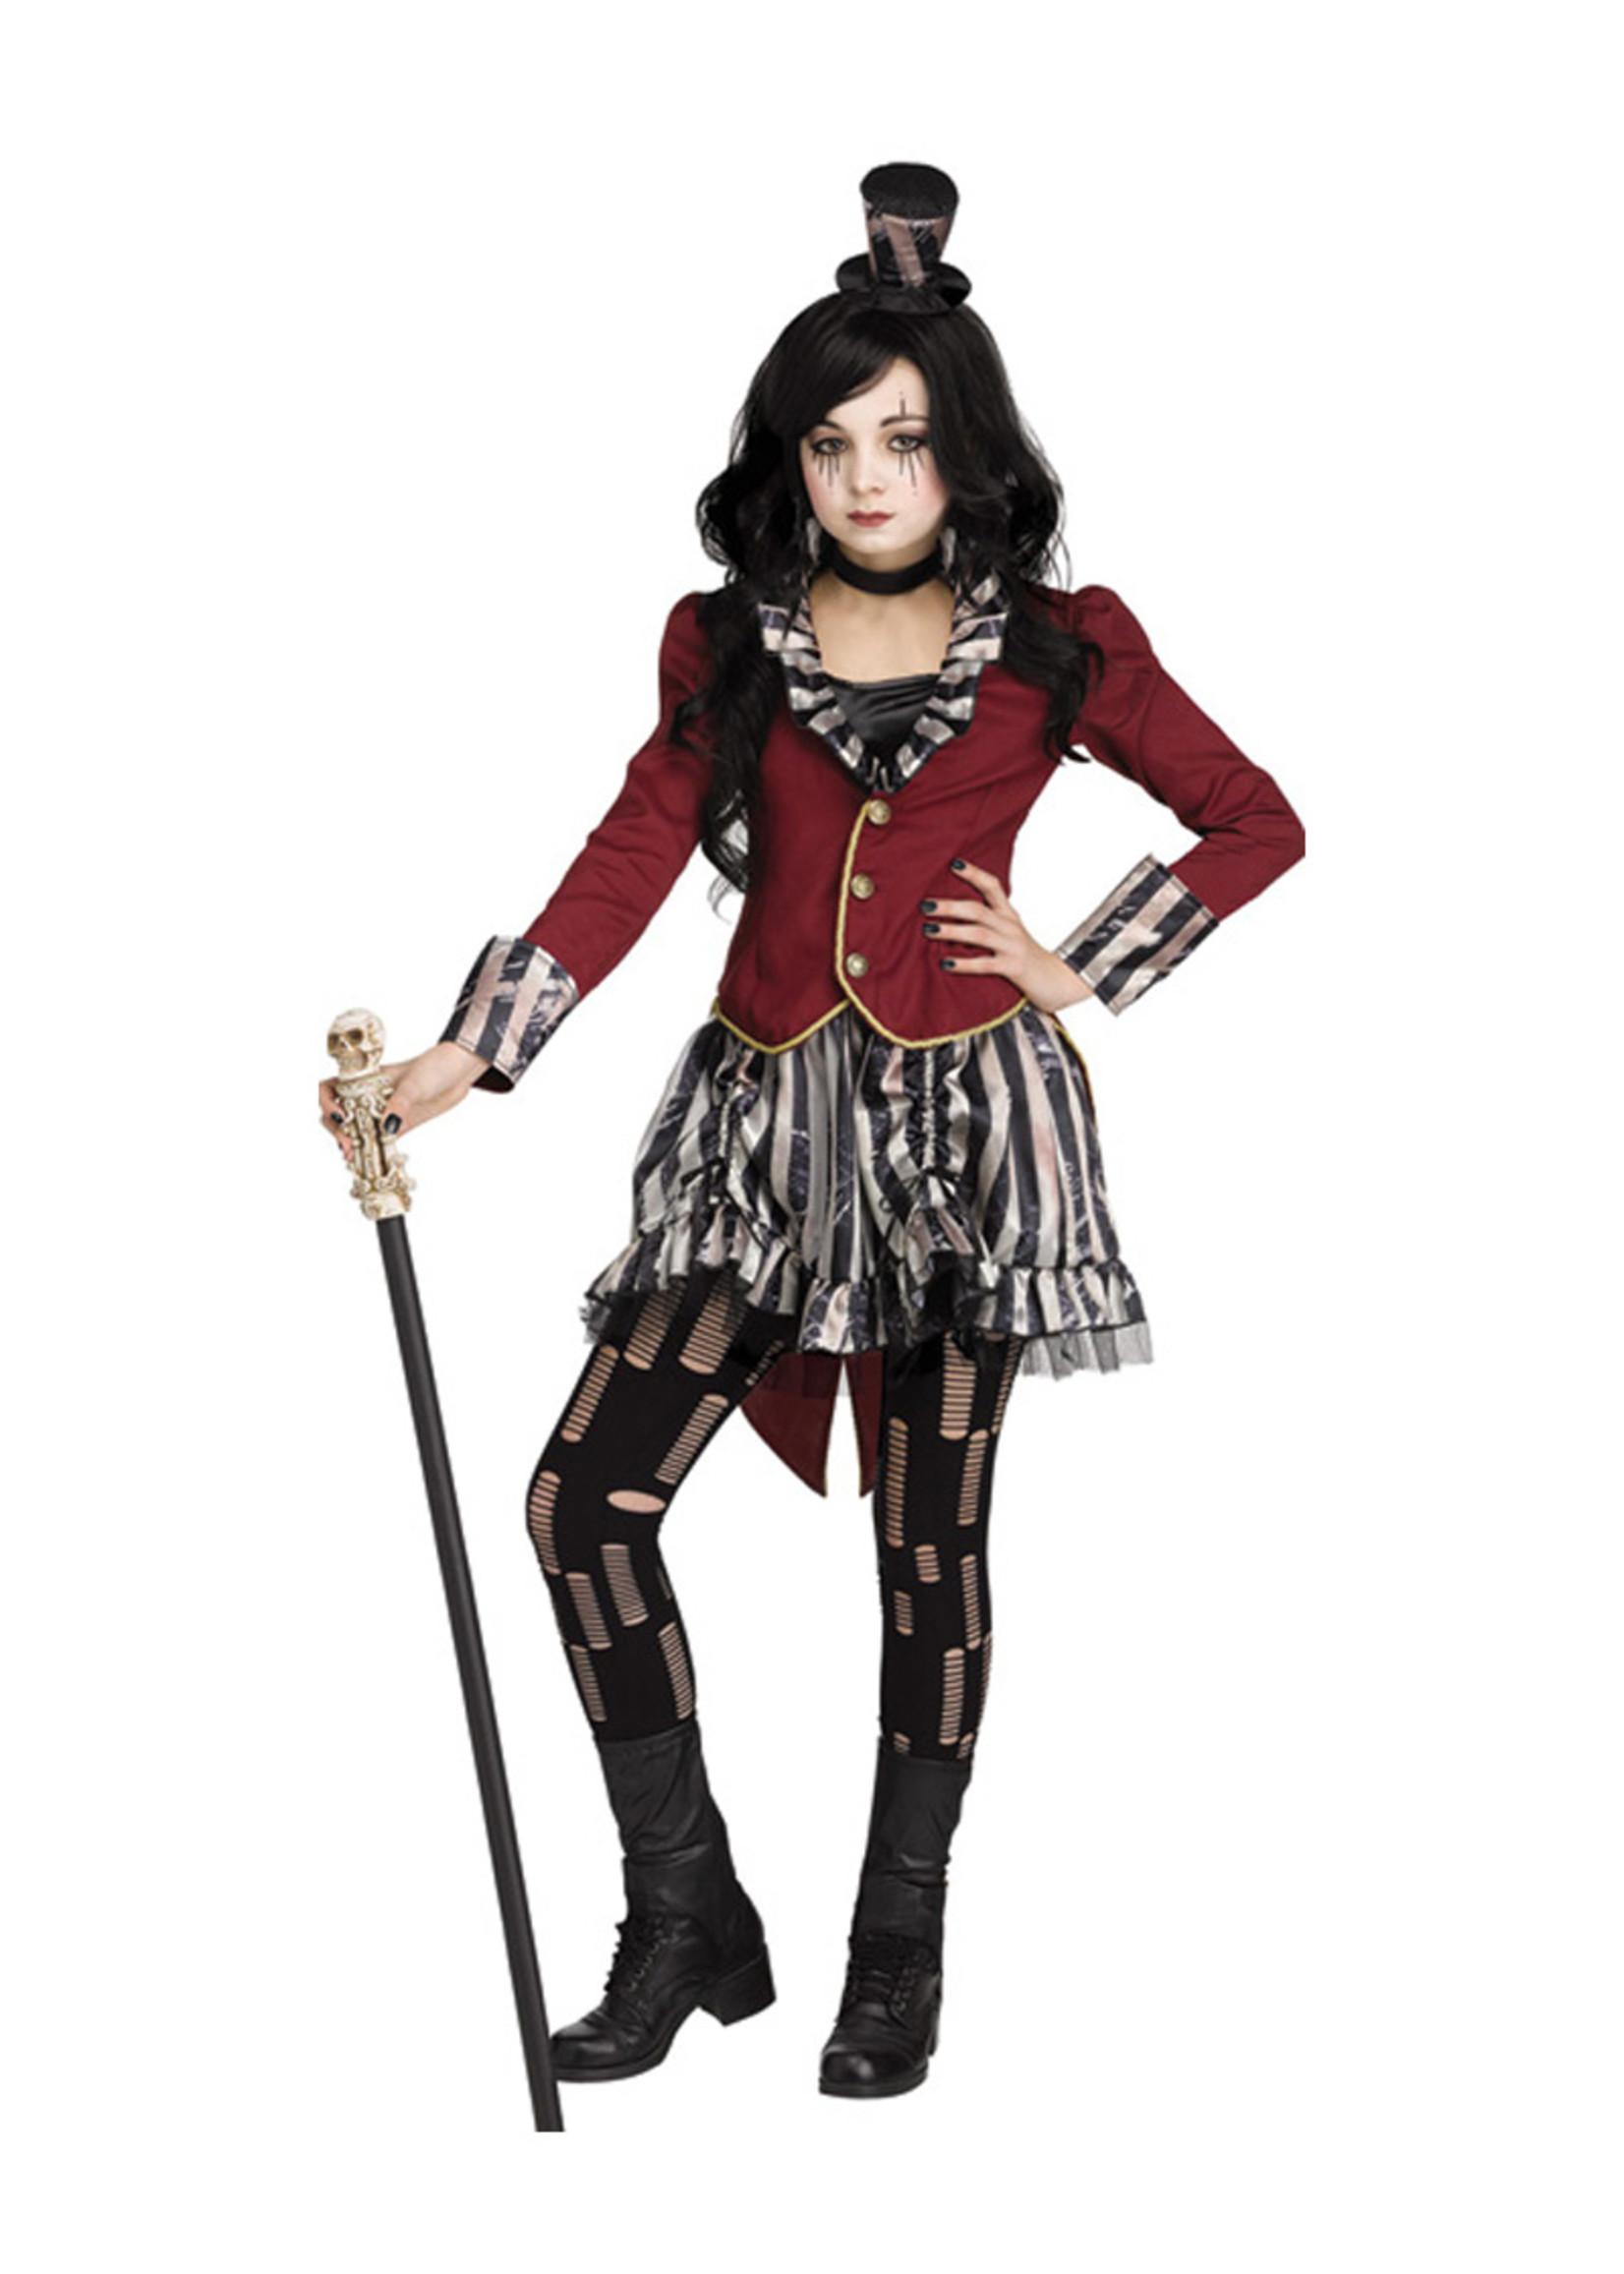 Freakshow Ringmistress Costume - Girls